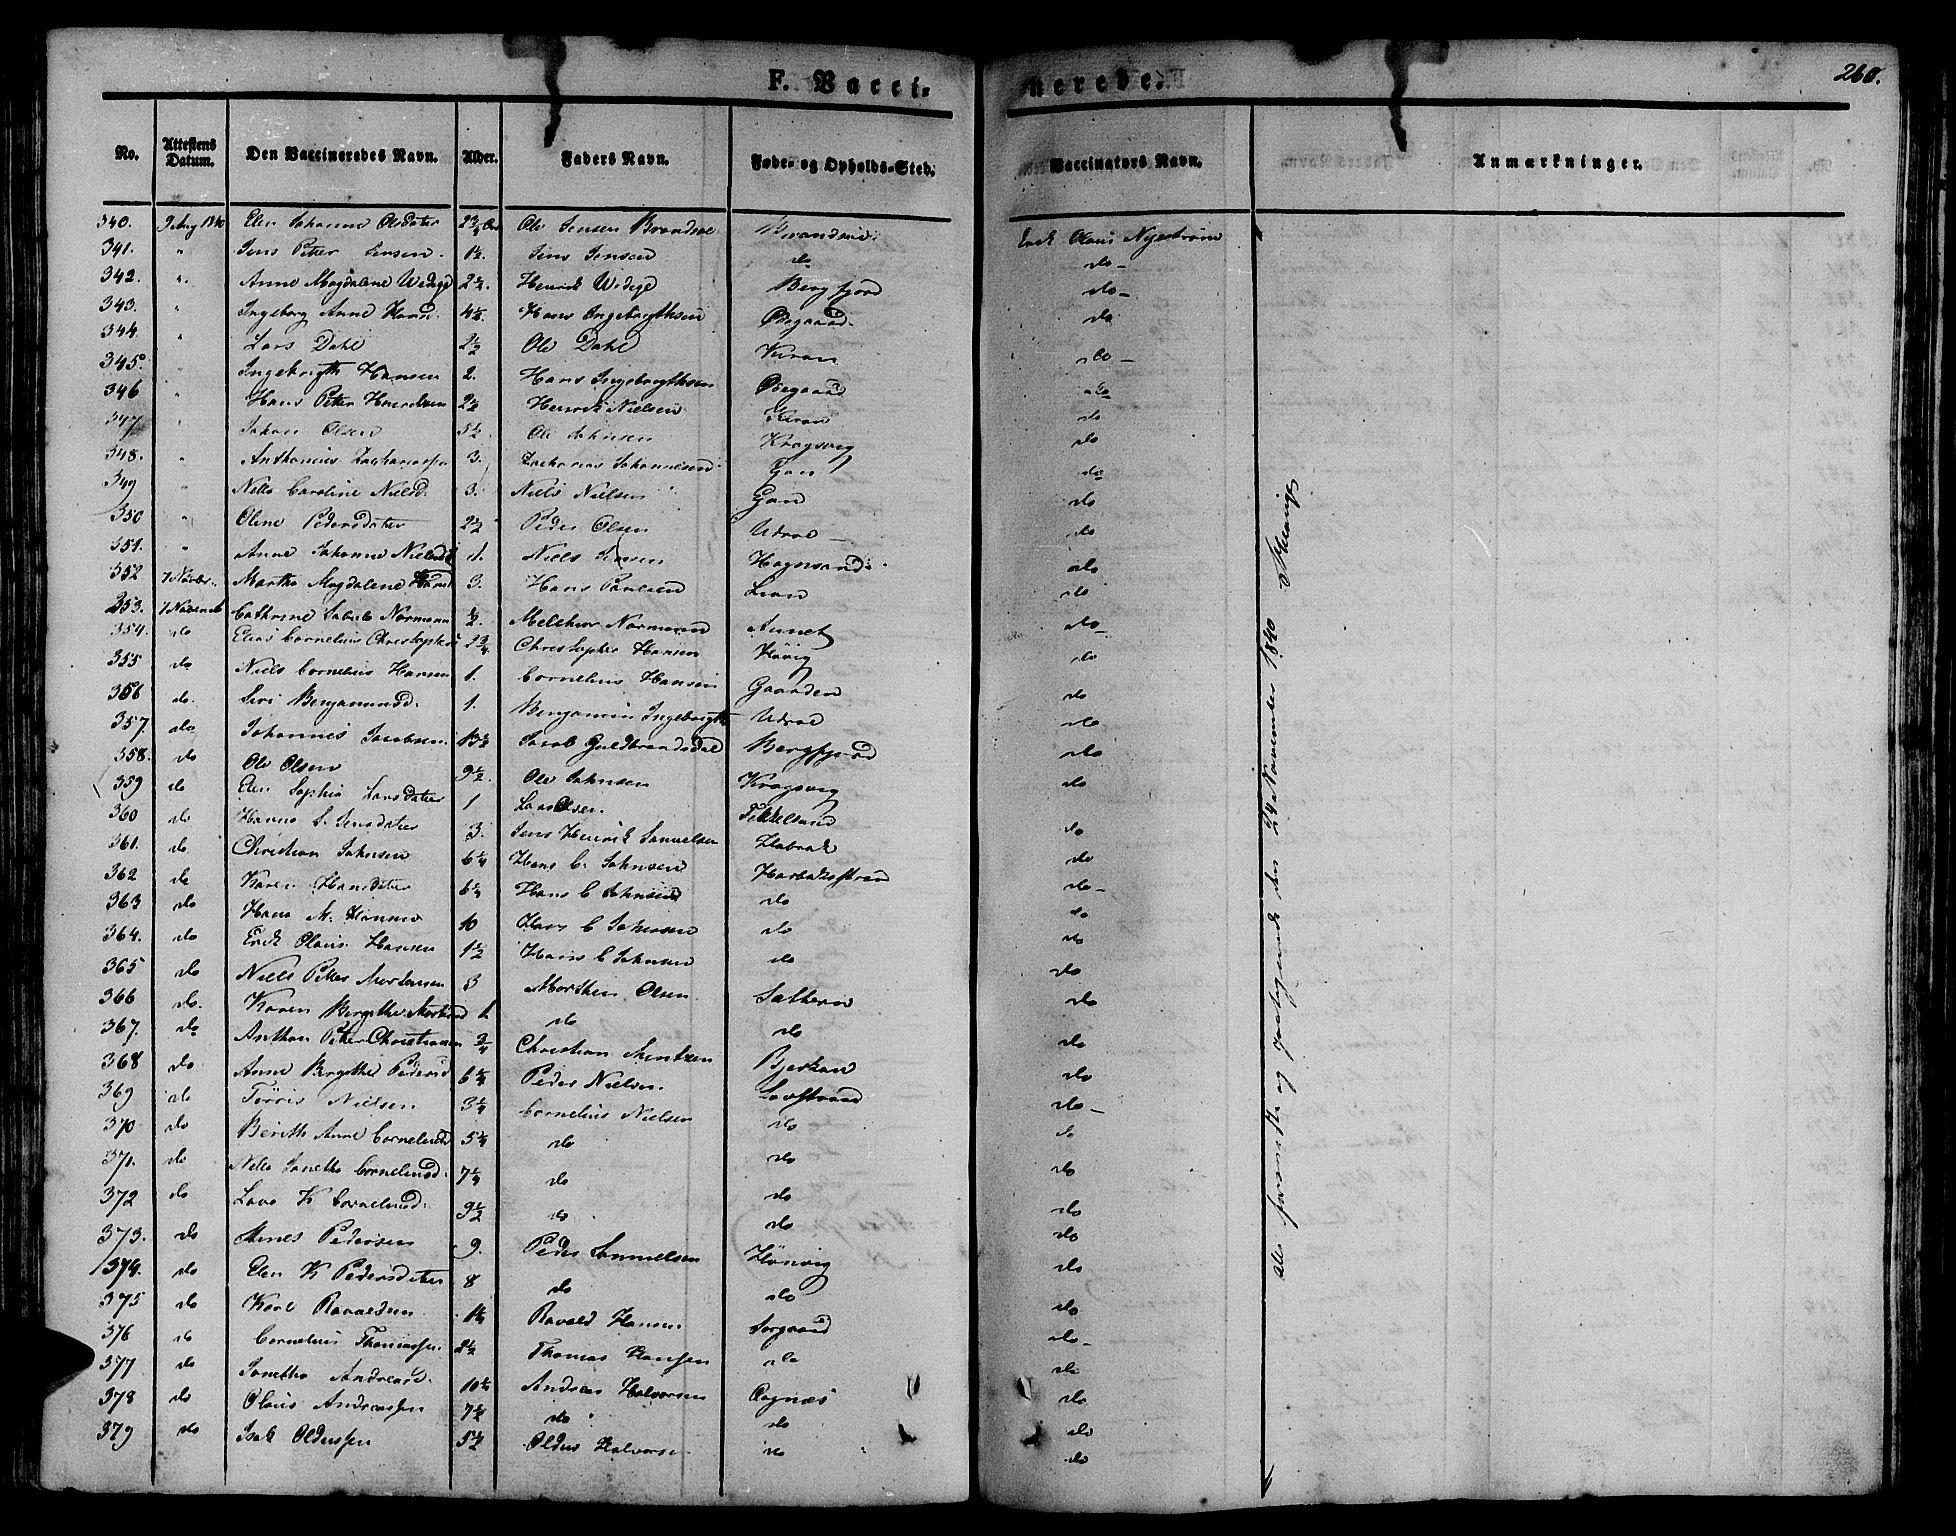 SAT, Ministerialprotokoller, klokkerbøker og fødselsregistre - Sør-Trøndelag, 657/L0703: Ministerialbok nr. 657A04, 1831-1846, s. 260